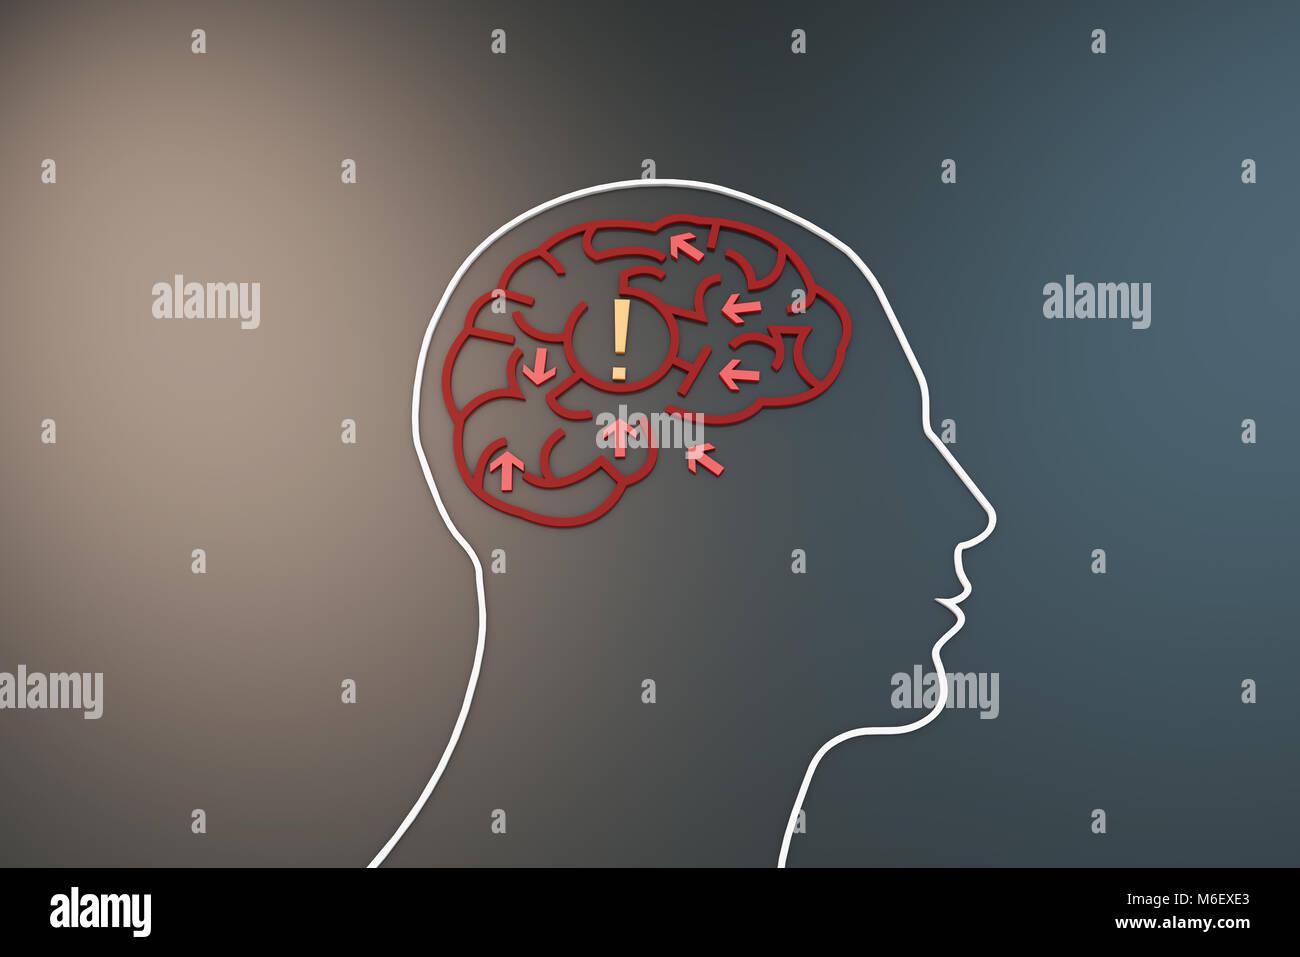 Gehirn mit Labyrinth, chaotischen Pfeile, denken Verwirrung Stockbild